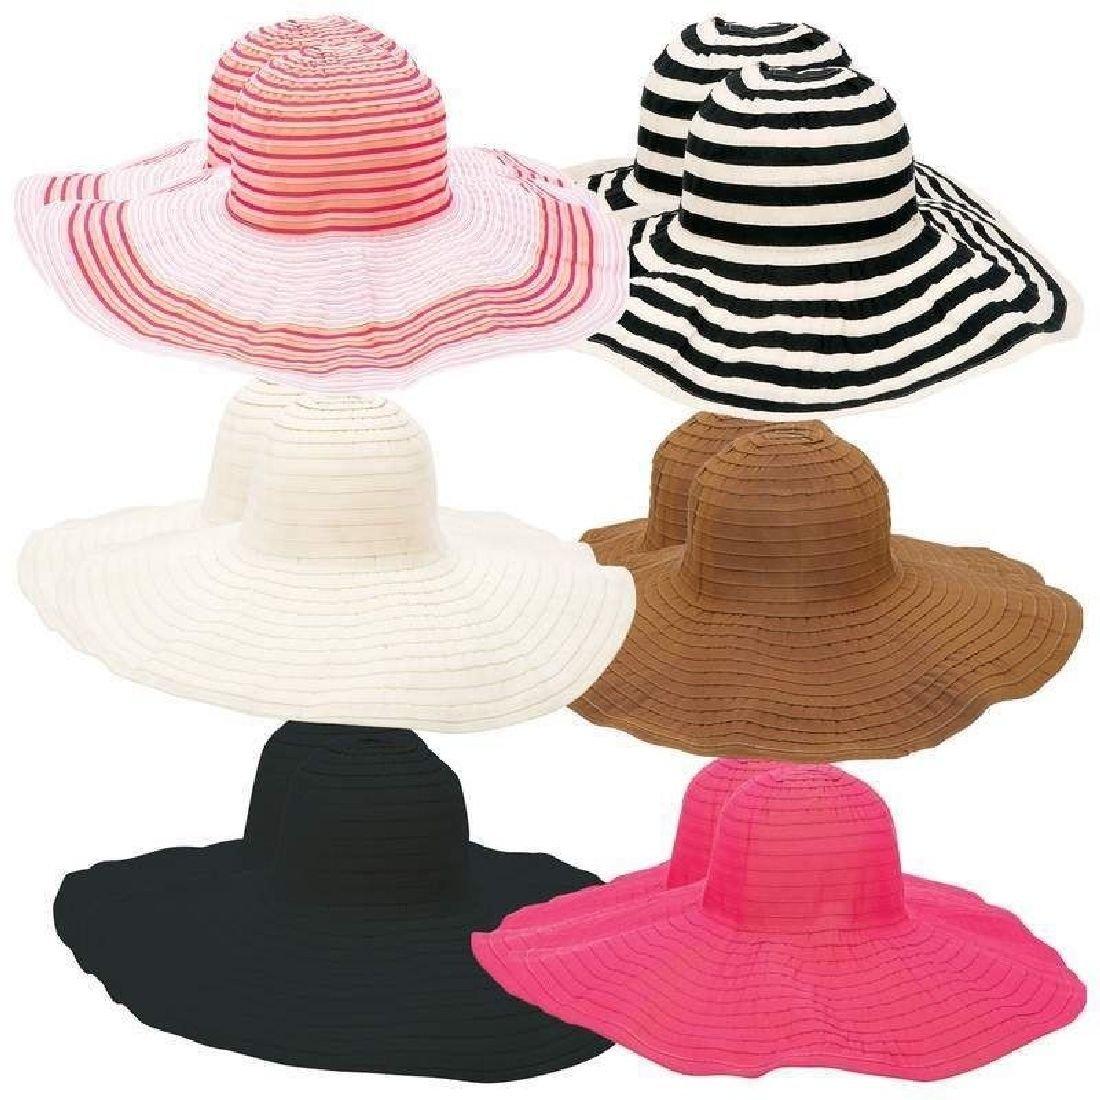 Wholesale Lot Case 12Pc Assorted Ladies Floppy Sun Hat Set Wide Brim Summer Hats